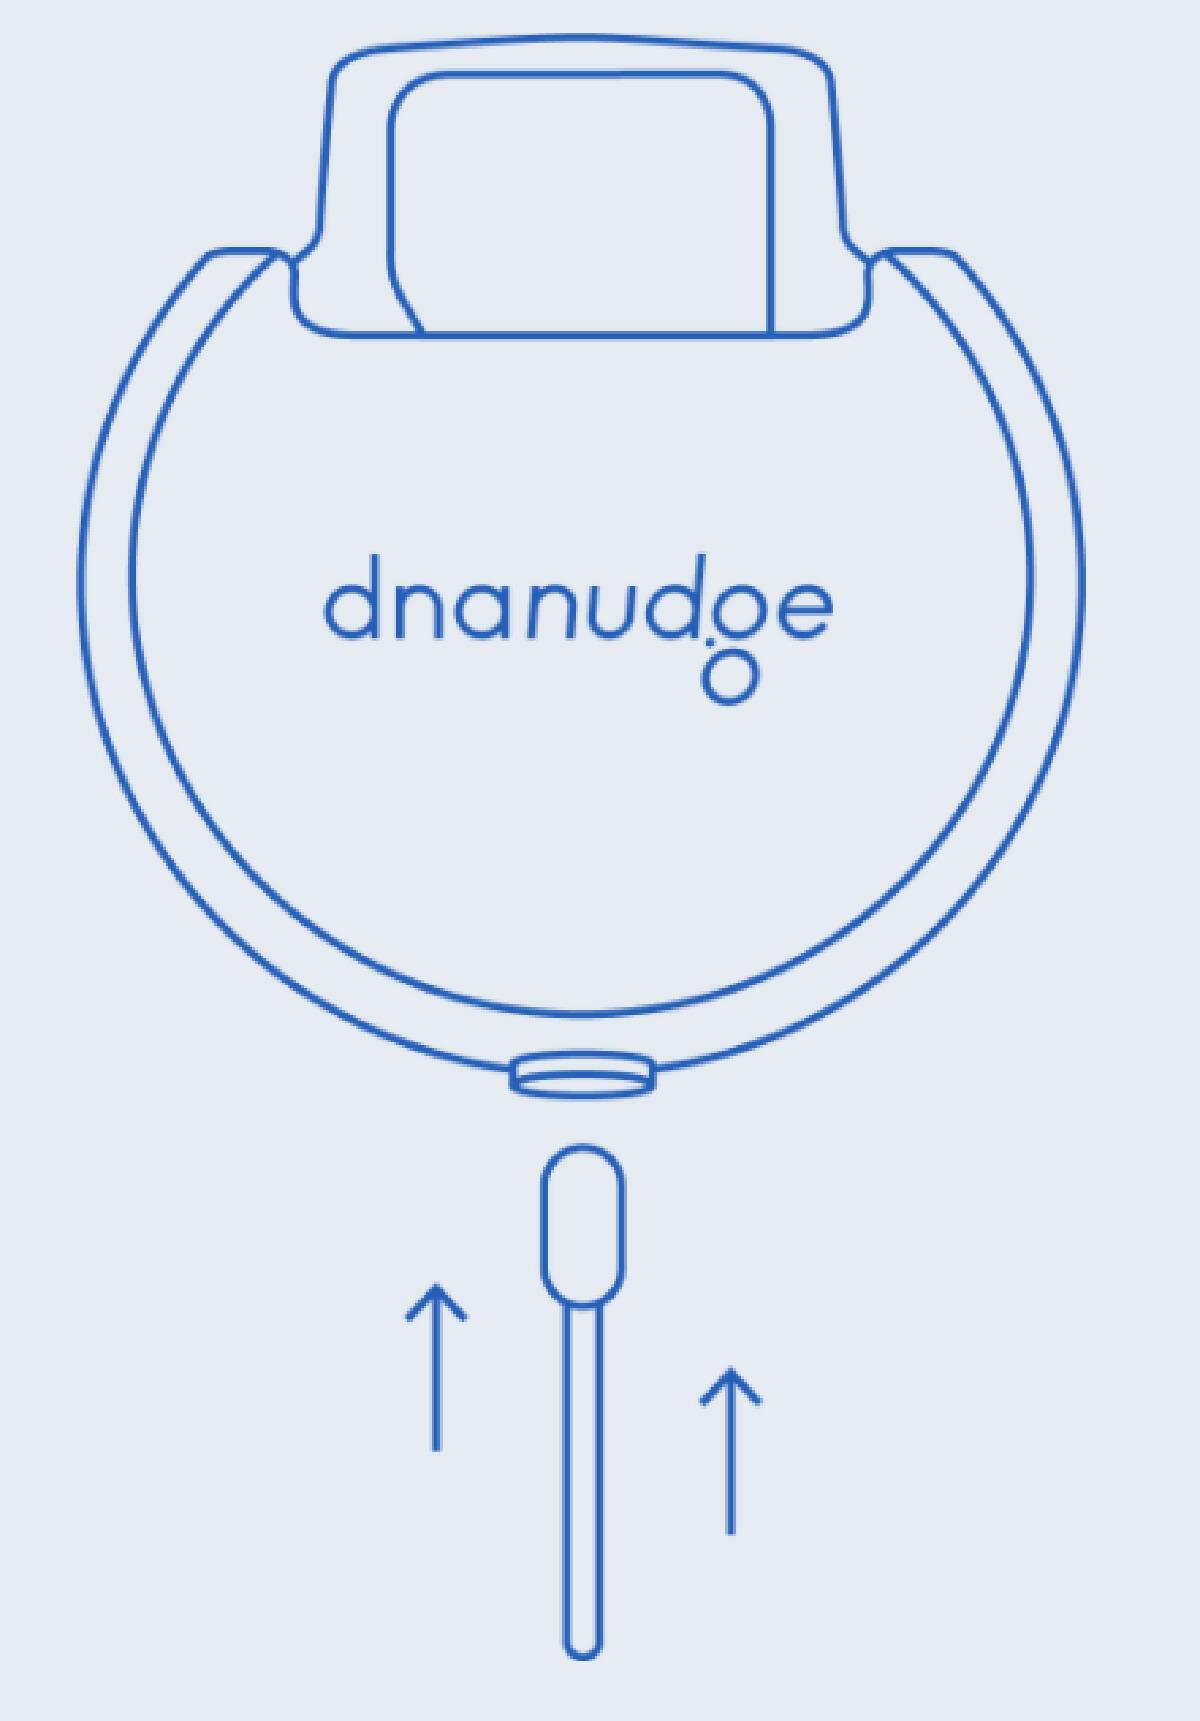 DnaNudge ชุดตรวจโควิด 19 โดยชาวอังกฤษ แม่นยำสูง - รู้ผลไว - ไม่ง้อแล็บ